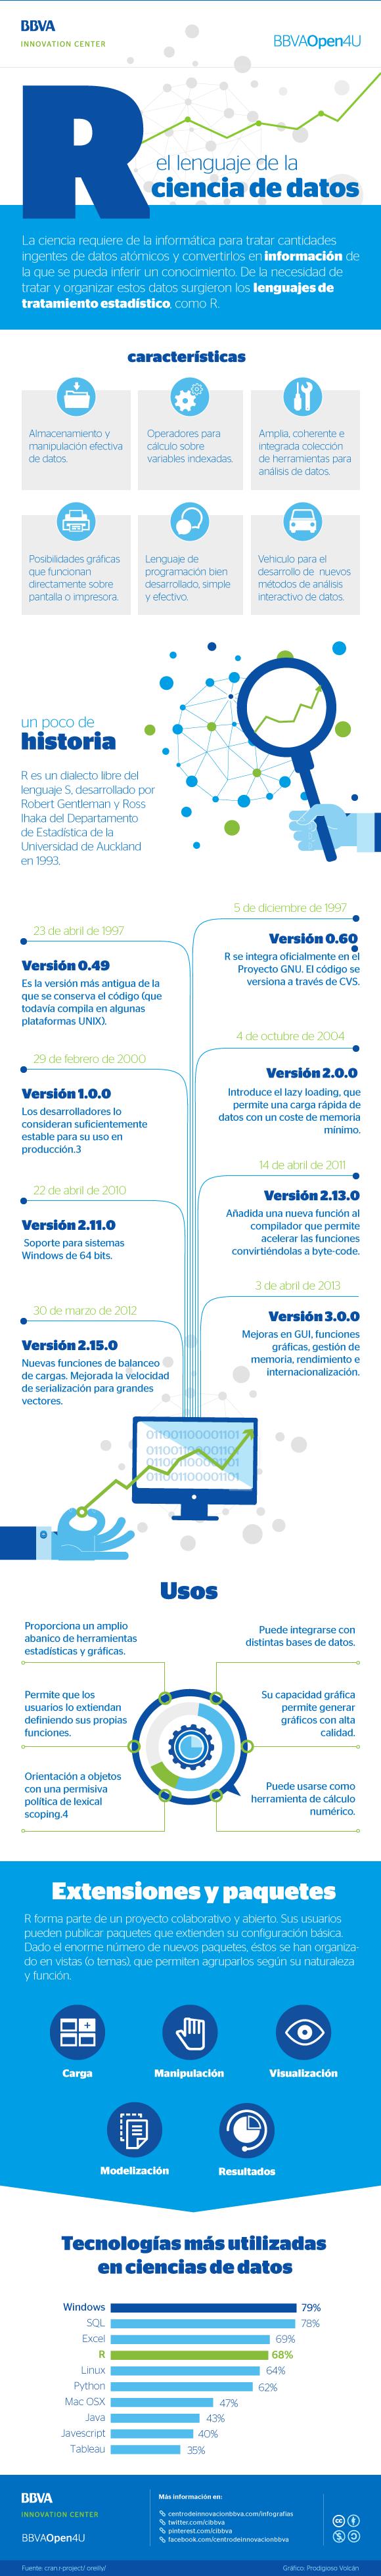 bbva-open4u-infografia-r-lenguaje-de-la-ciencia-de-datos.png